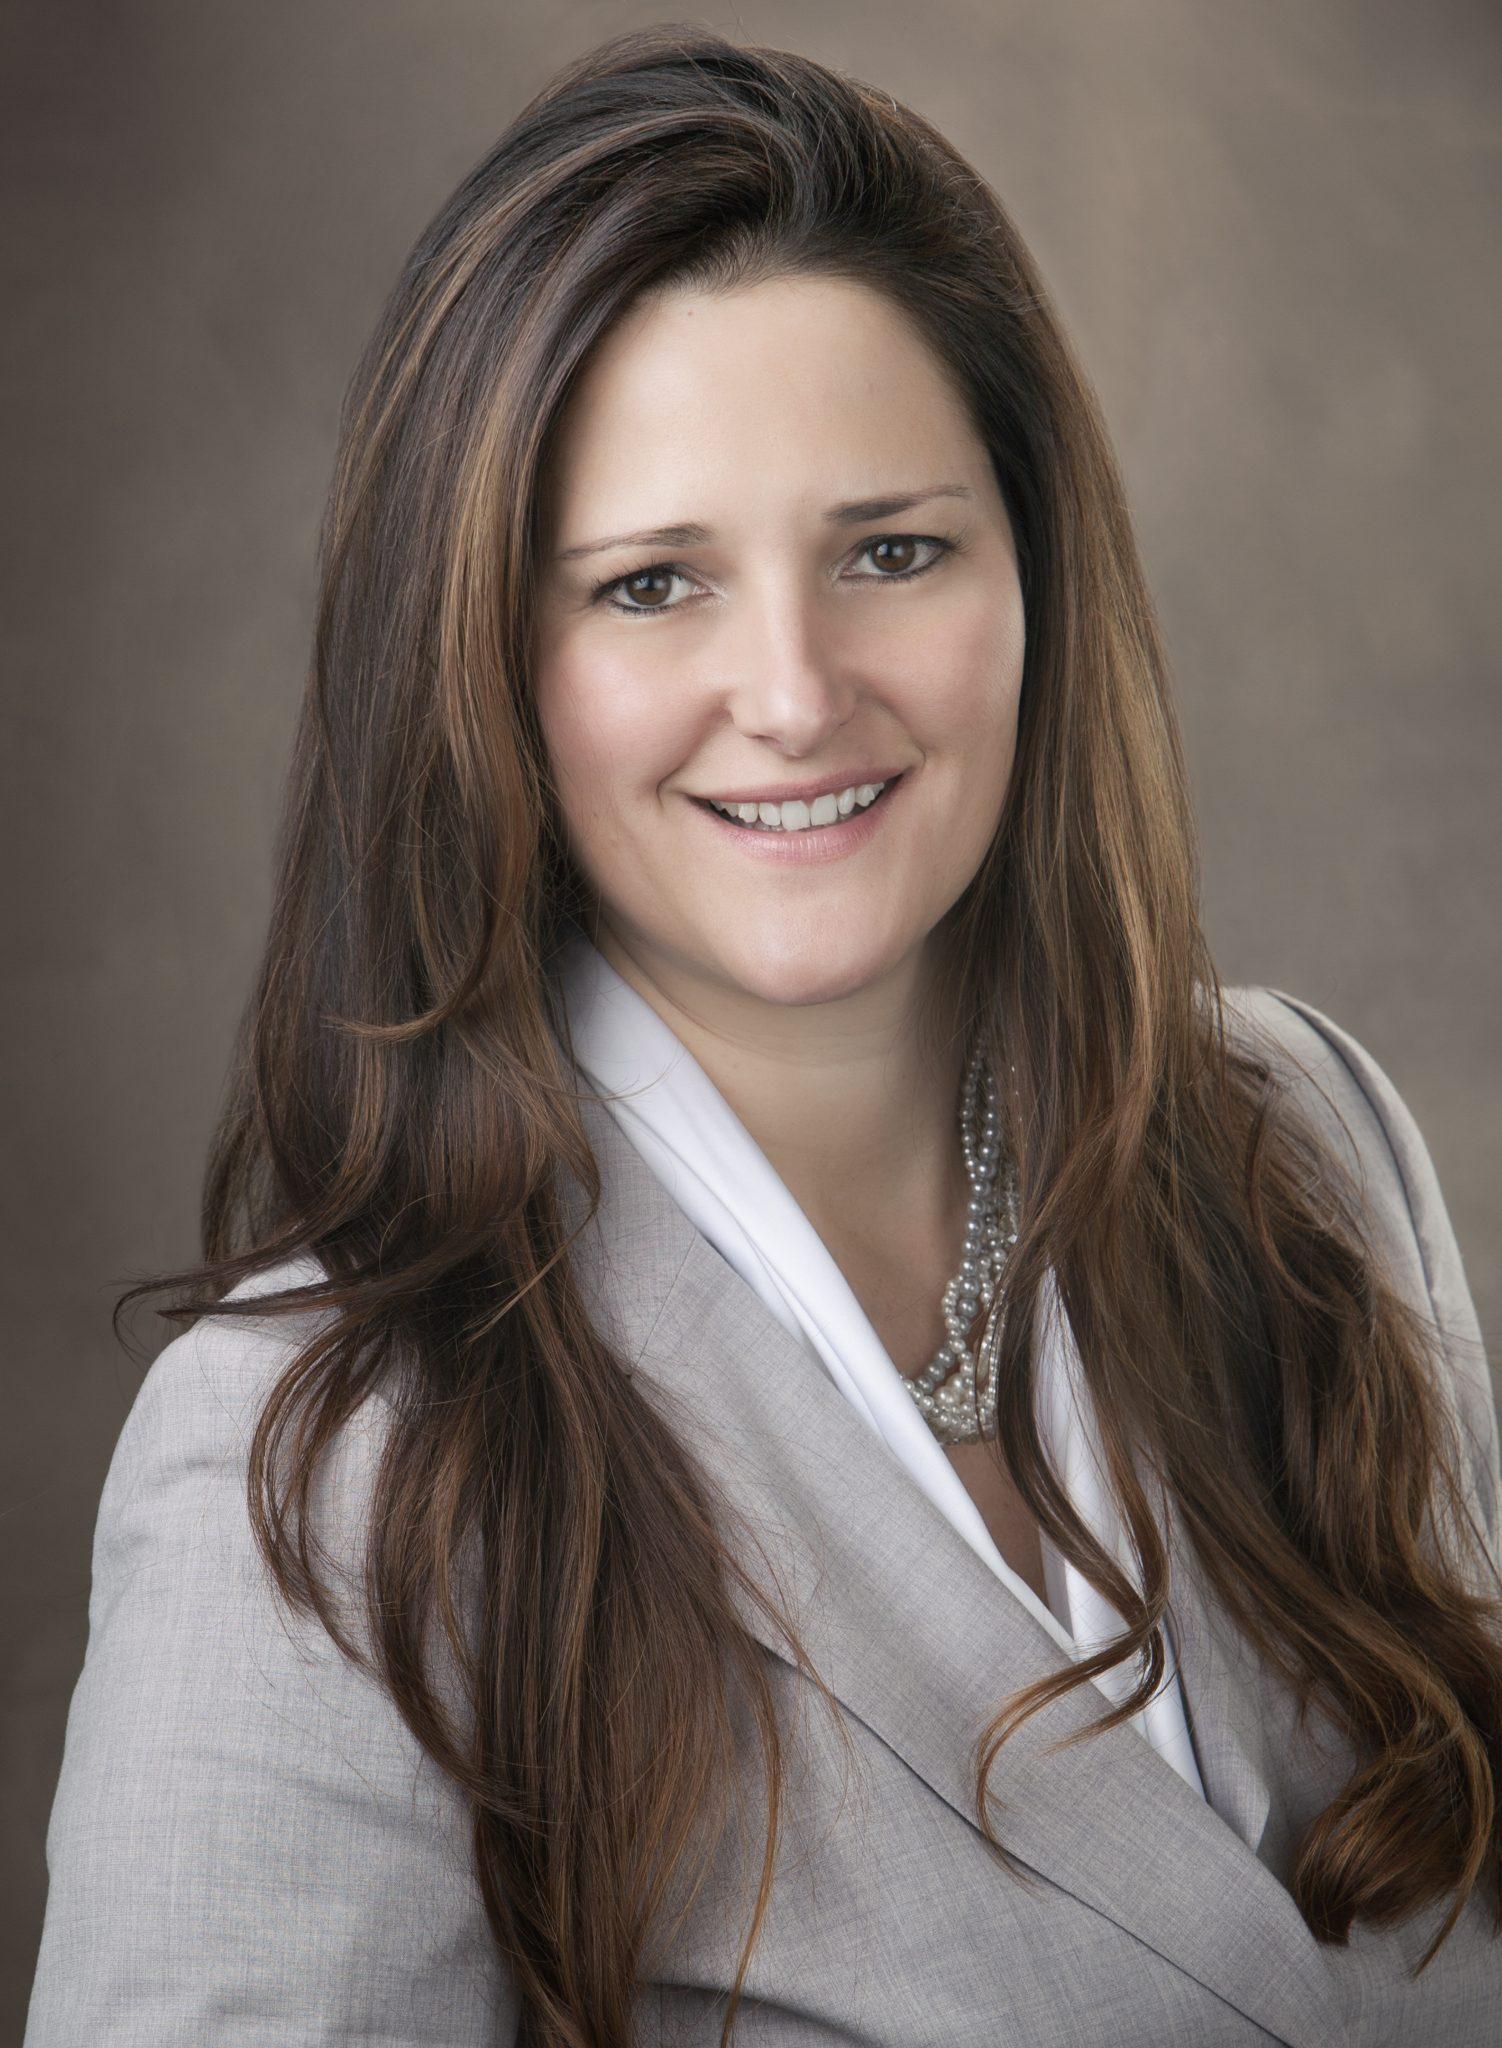 Jenny Norris